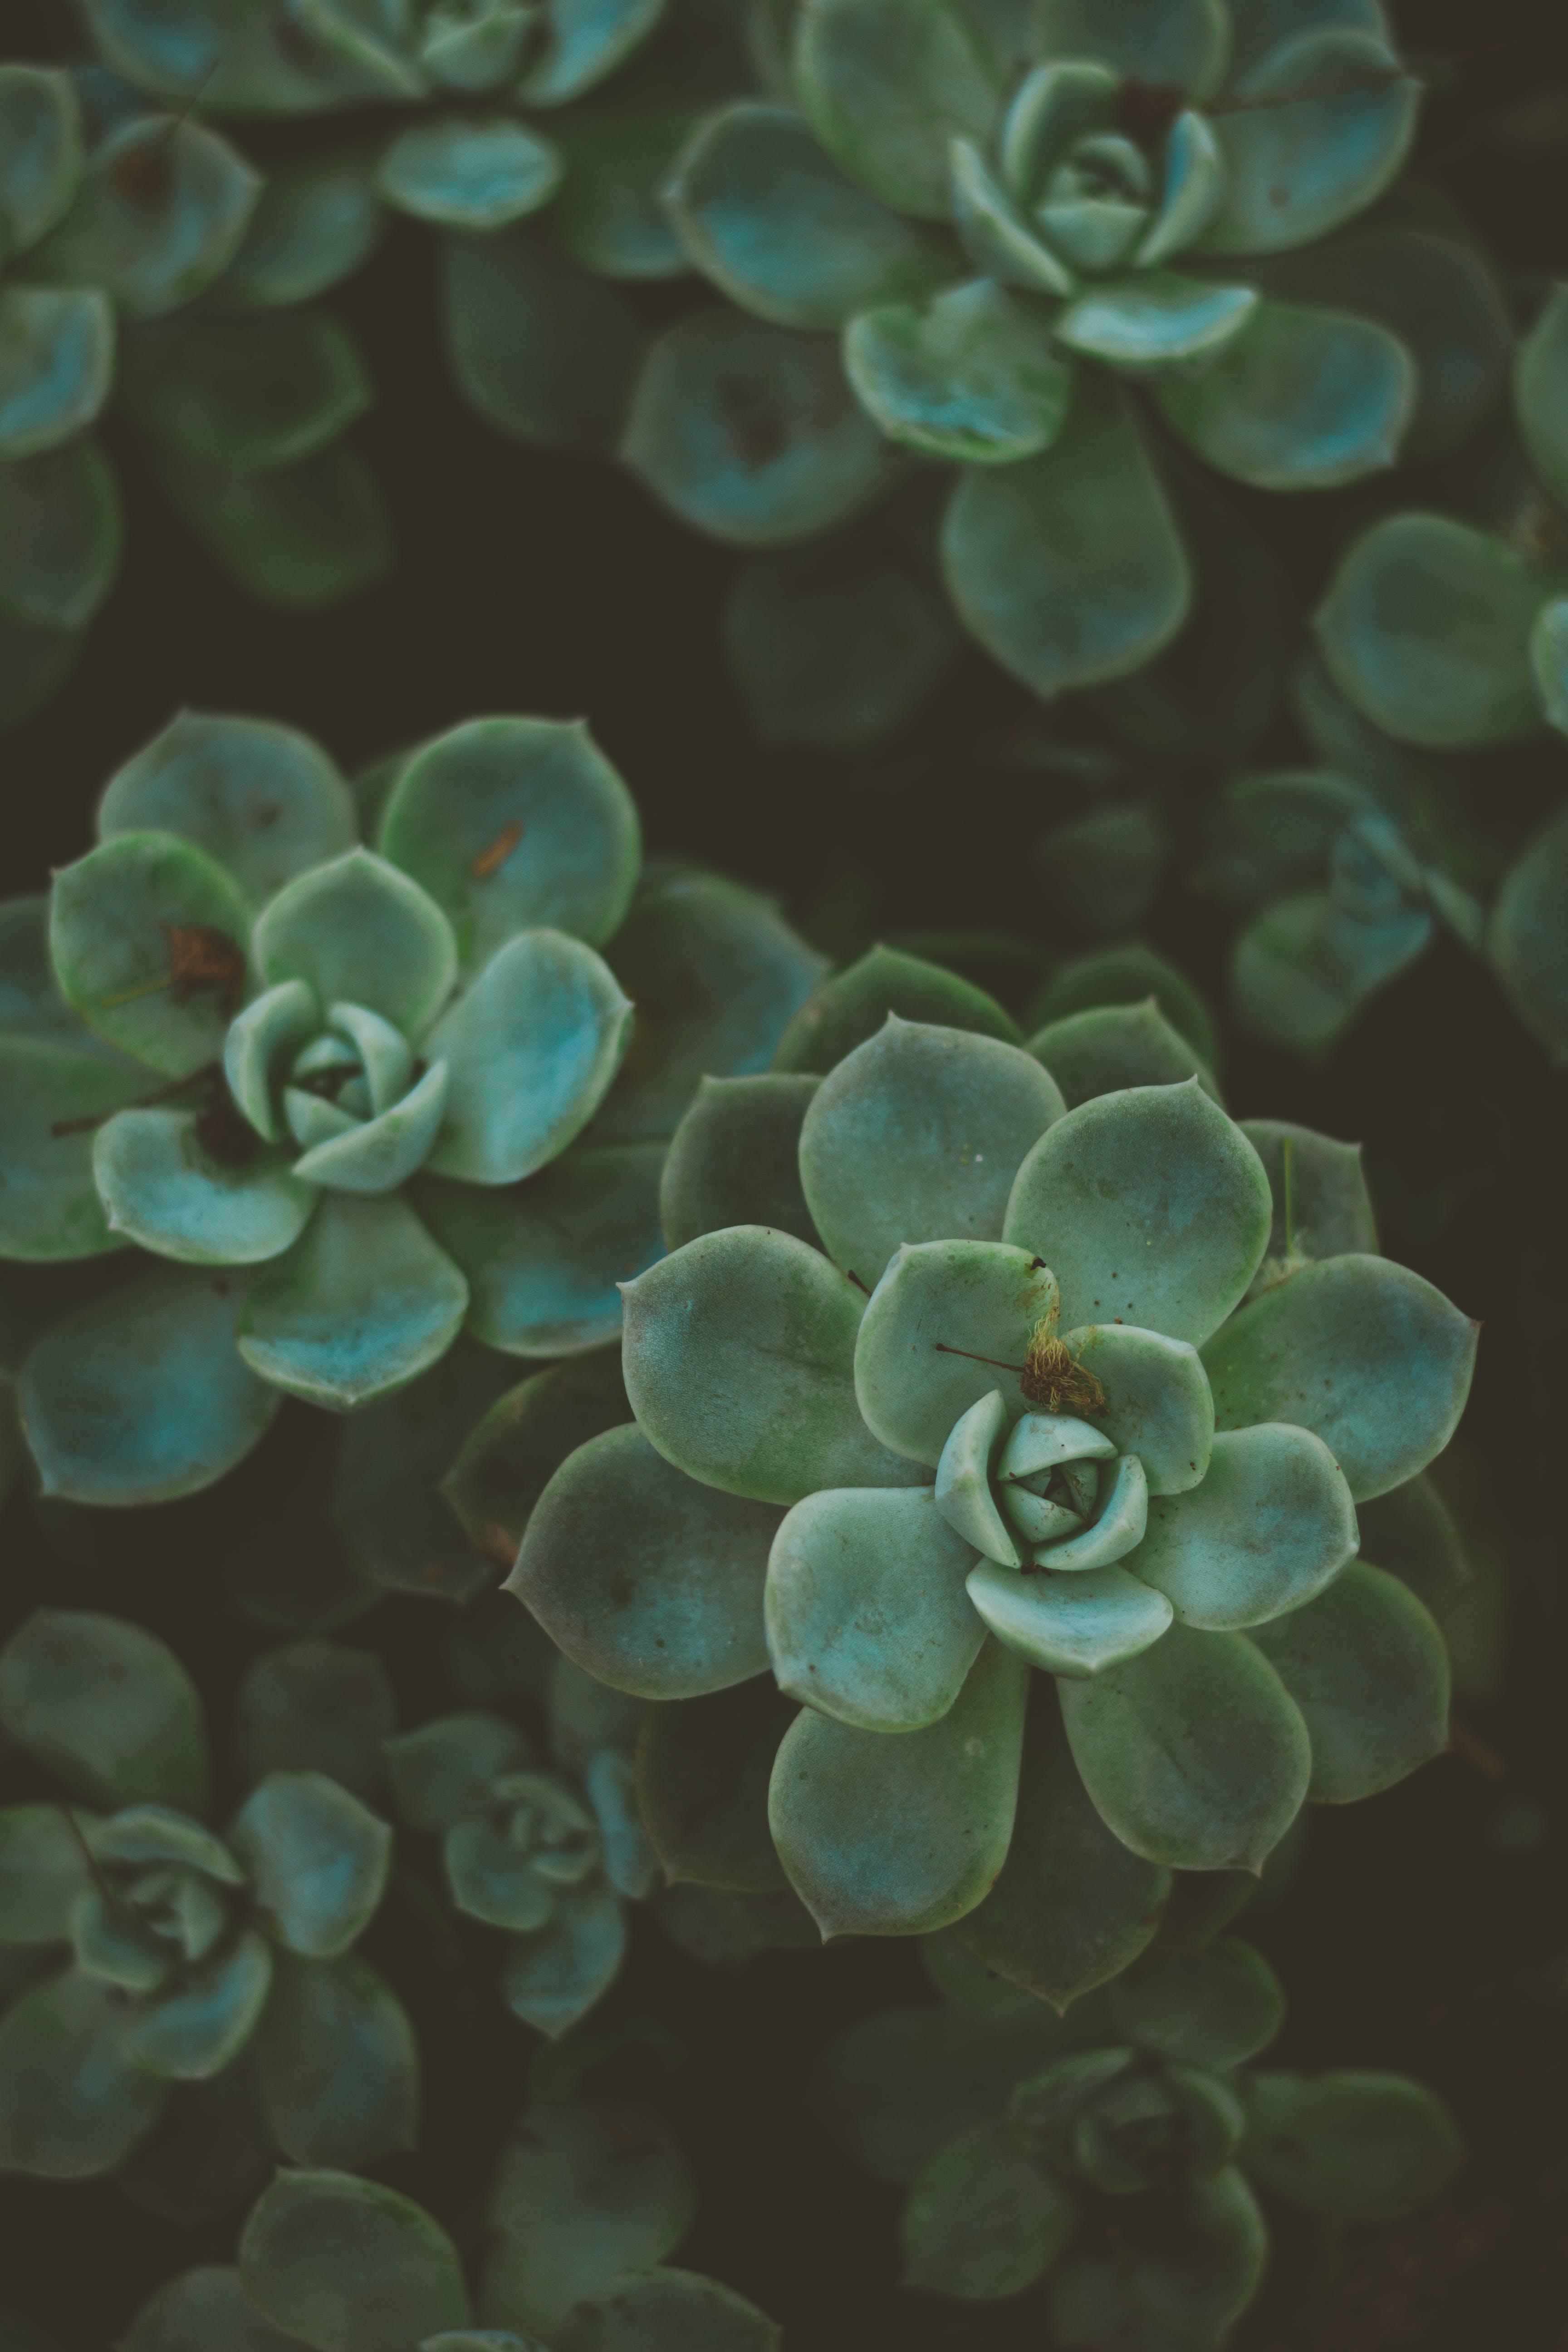 ぼかし, パターン, フォーカス, ボタニカルの無料の写真素材